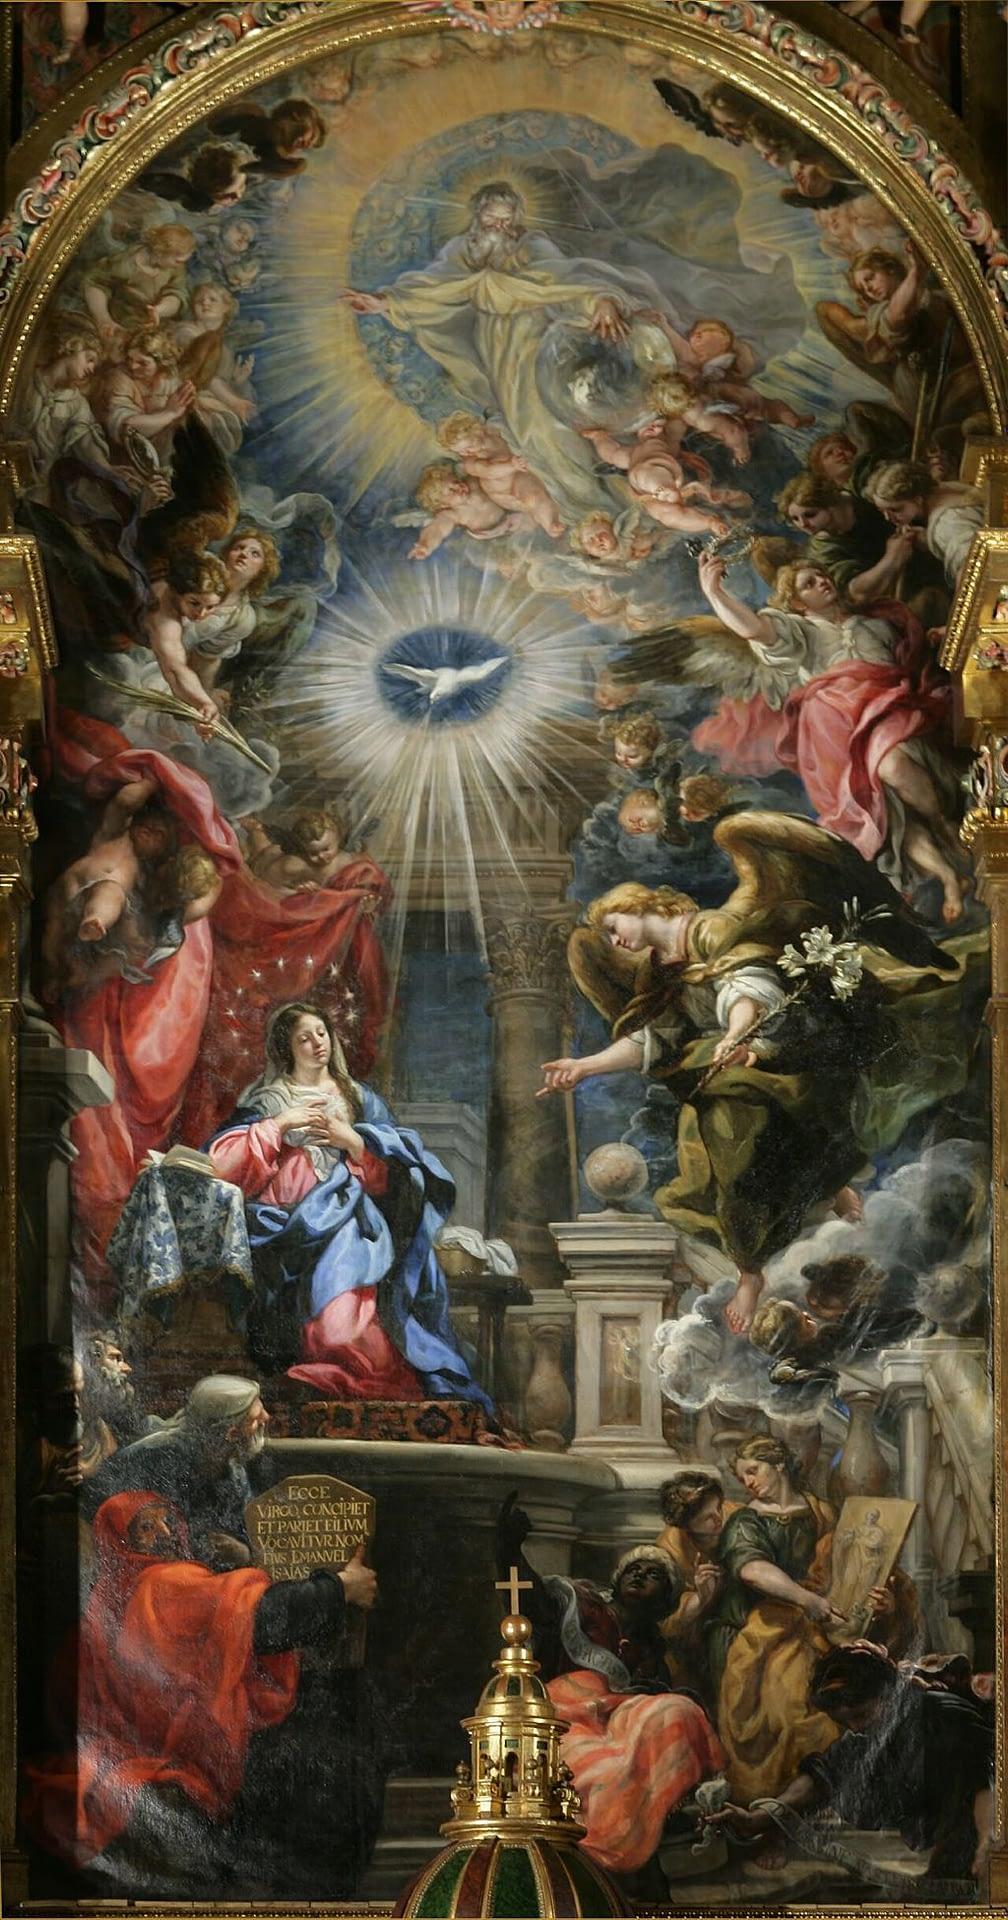 Annunciation by Claudio Coello